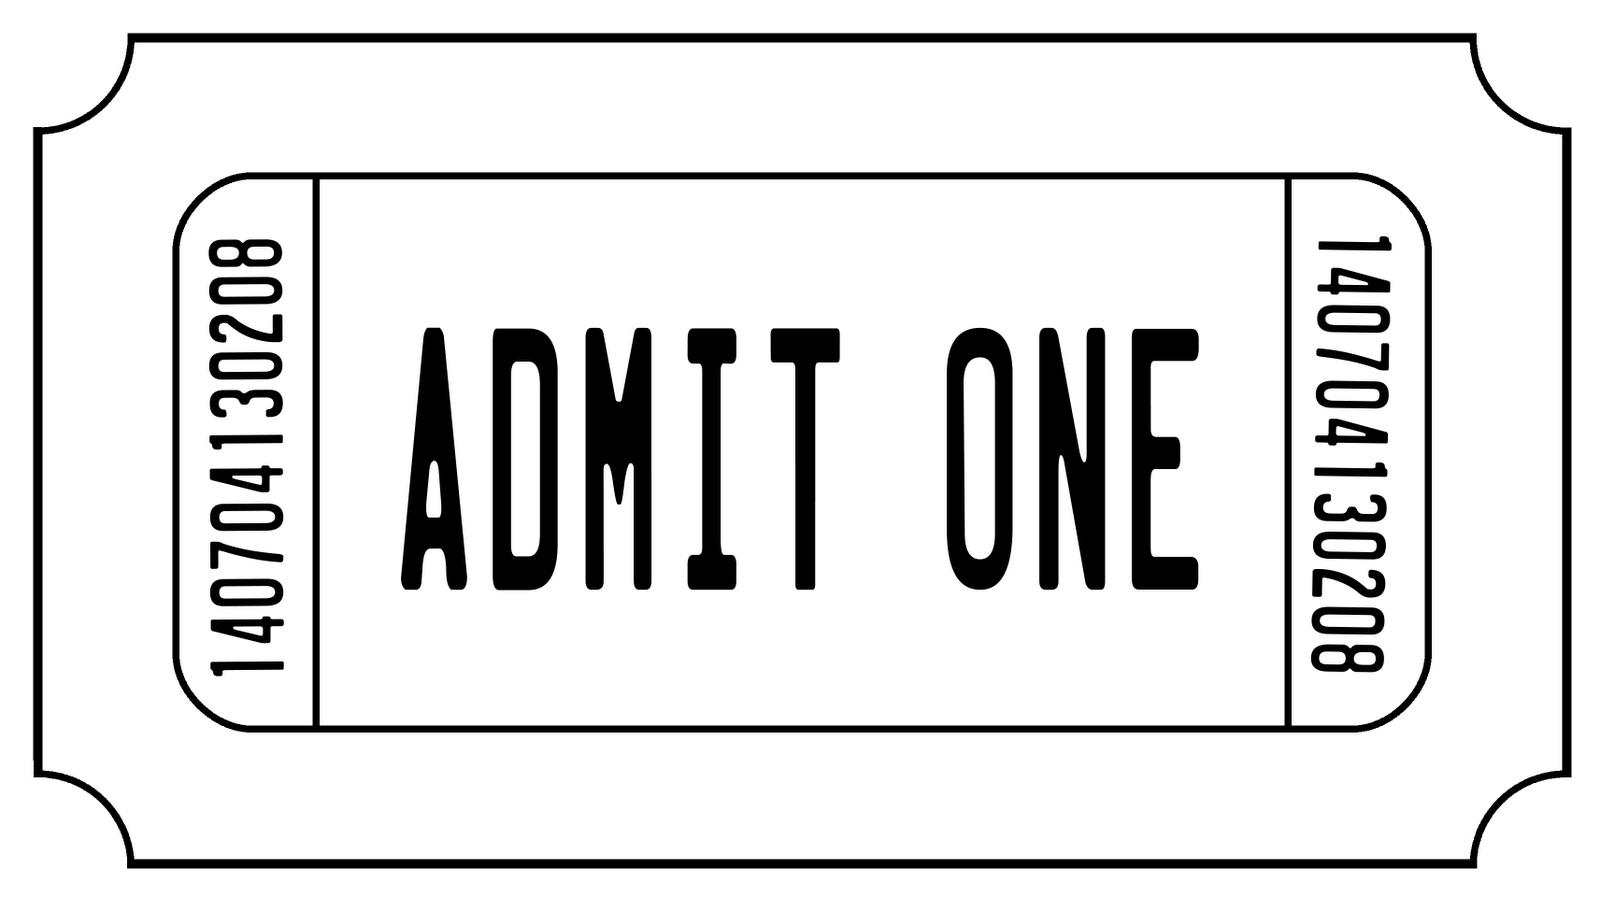 Concert ticket clipart 5